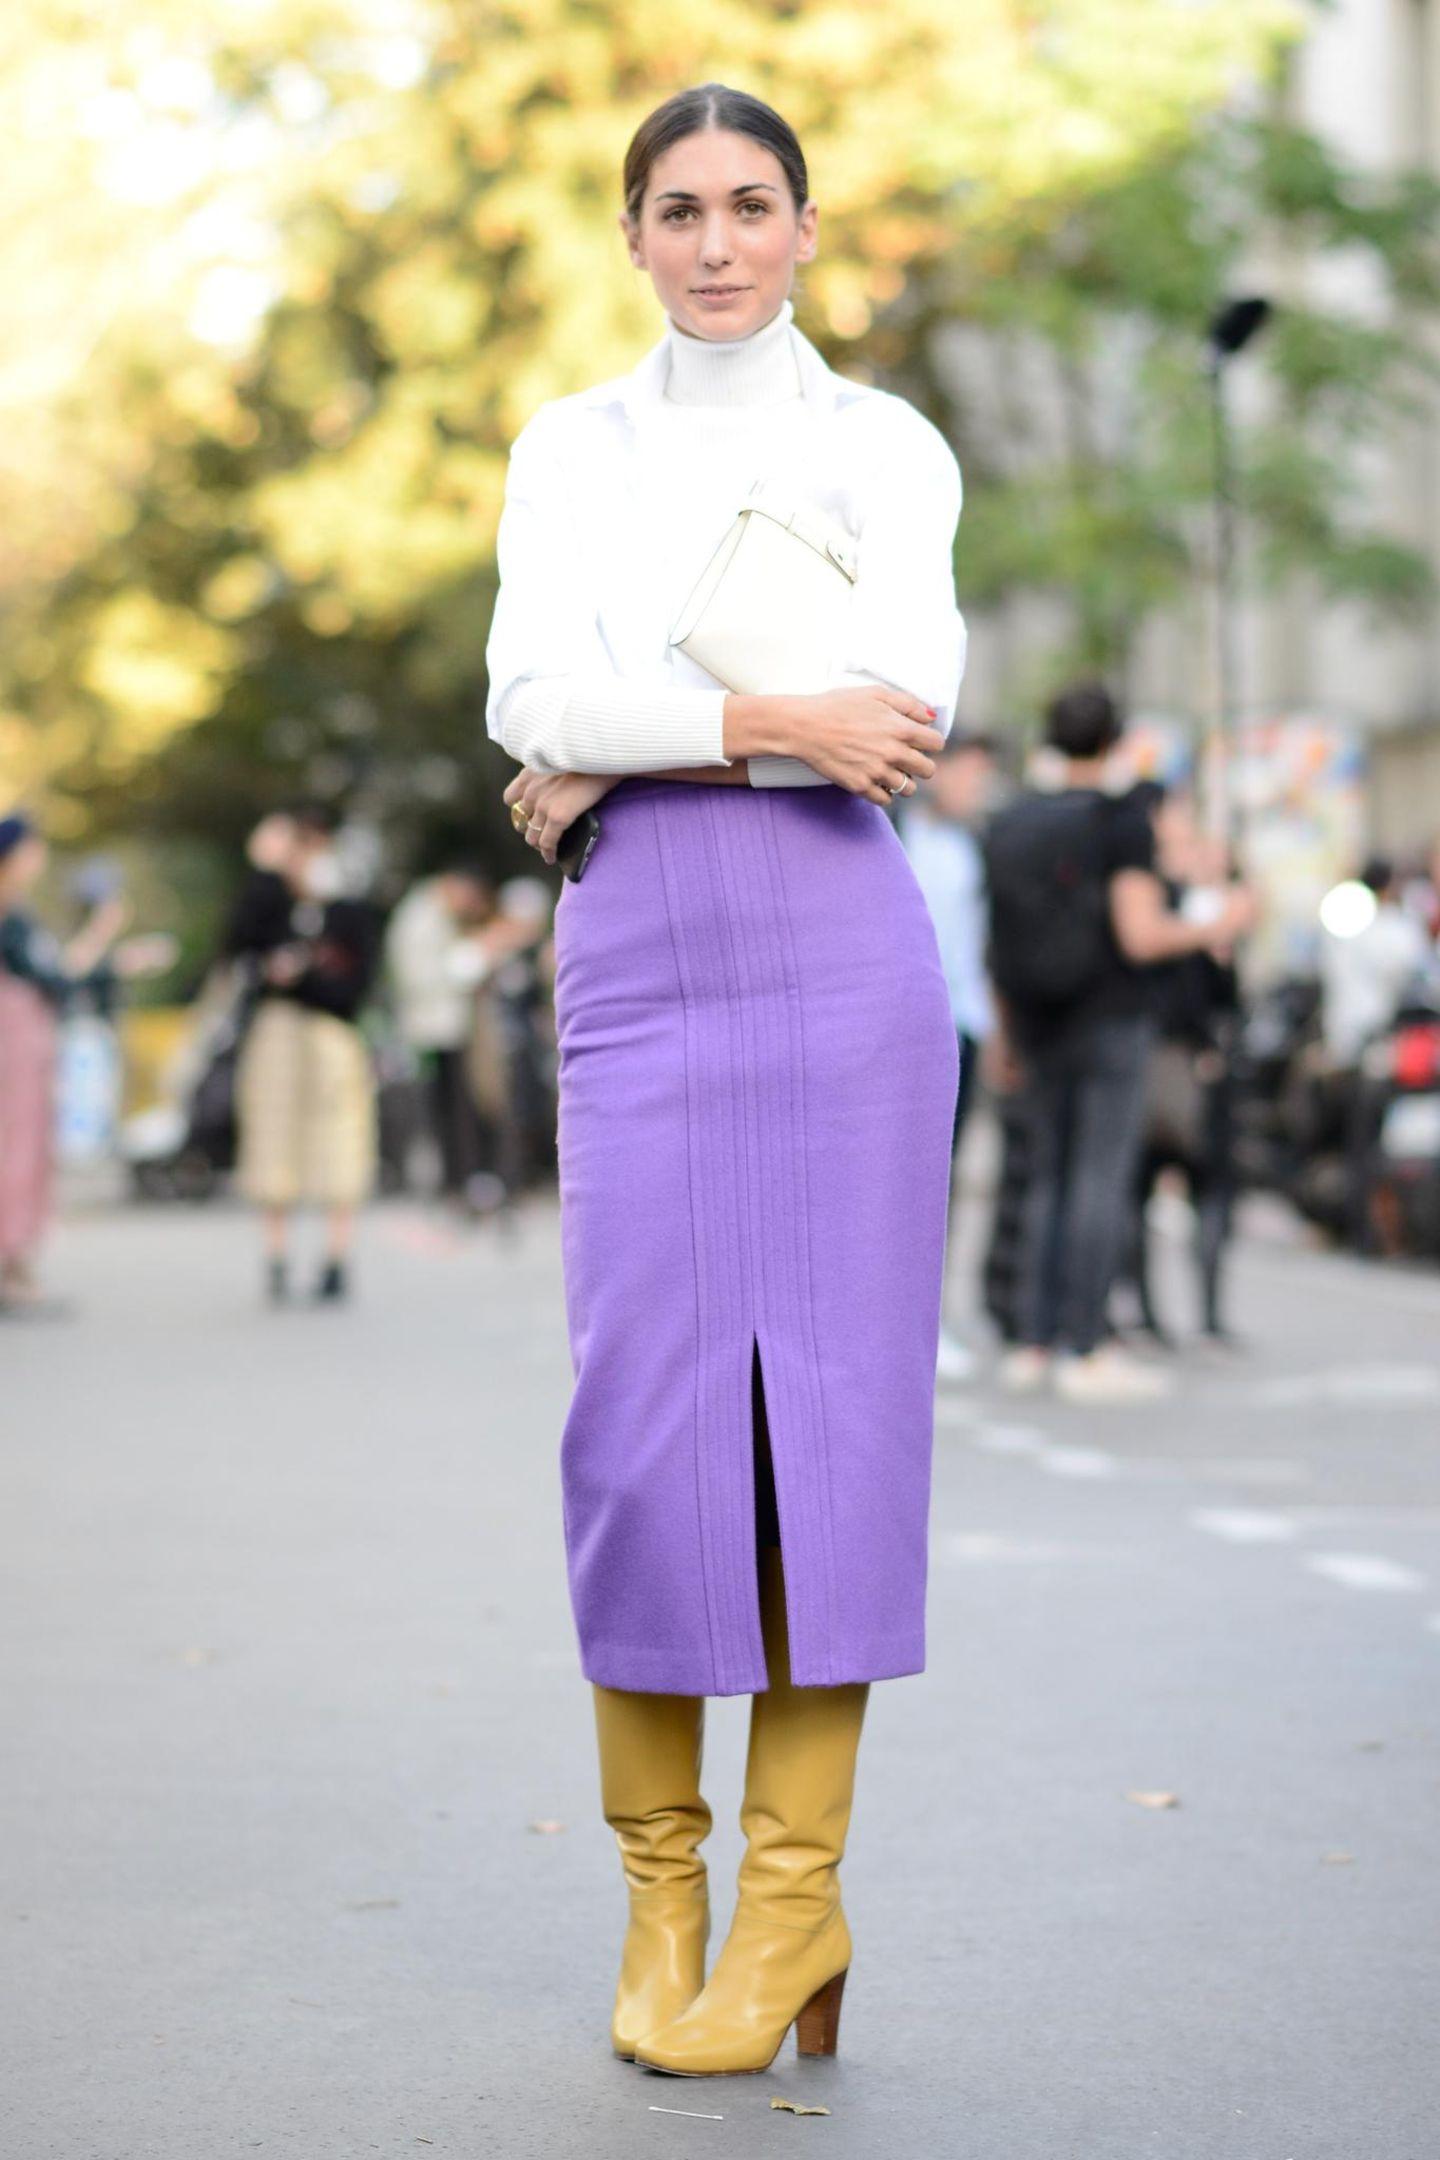 Die schönsten Streetstyles, die Lust auf Frühling machen: Pencil-Skirt